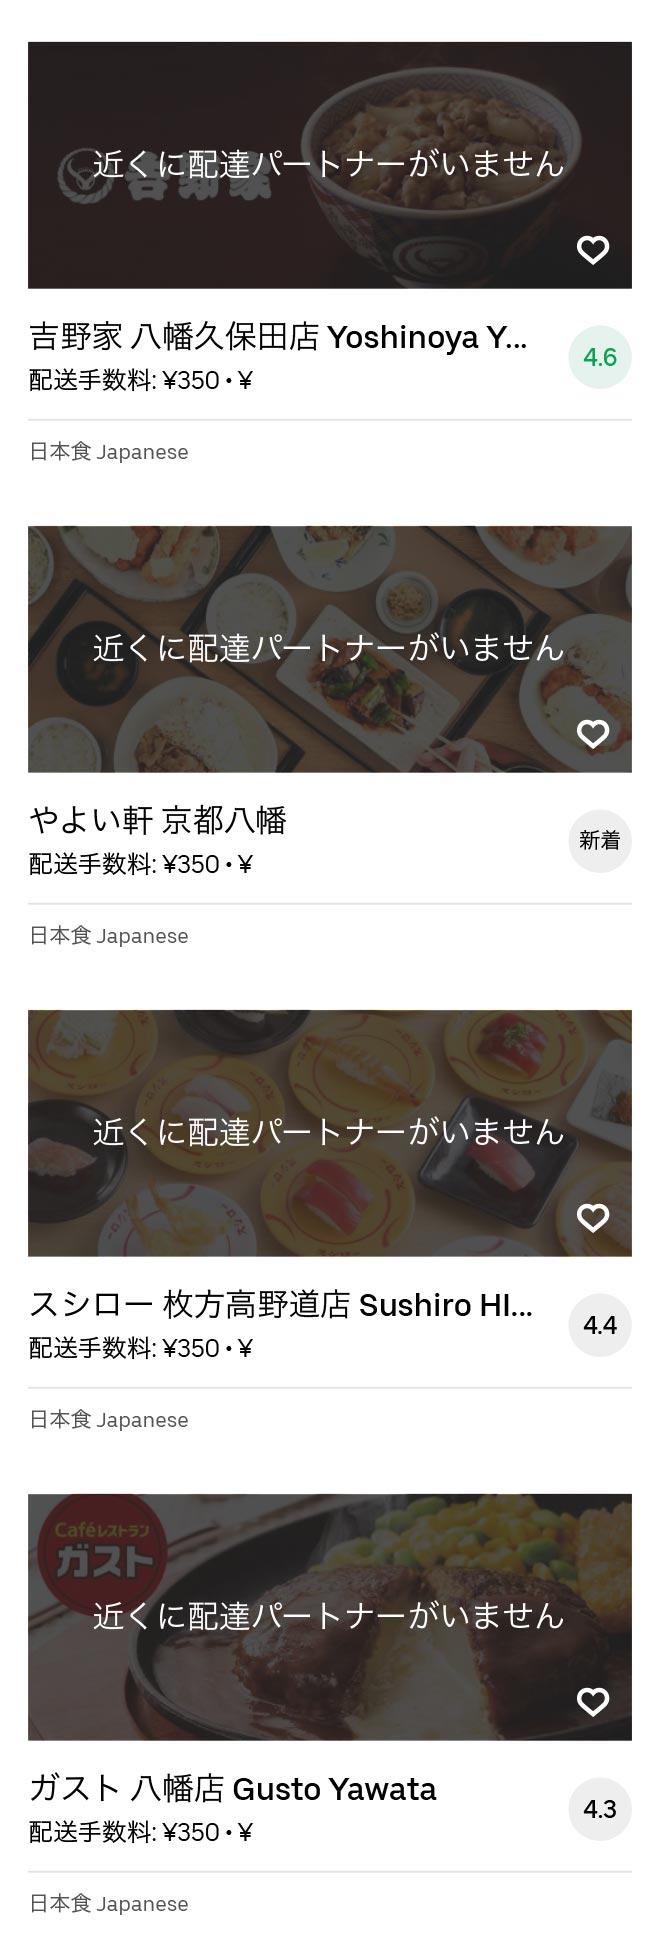 Kuzuha menu 2010 09